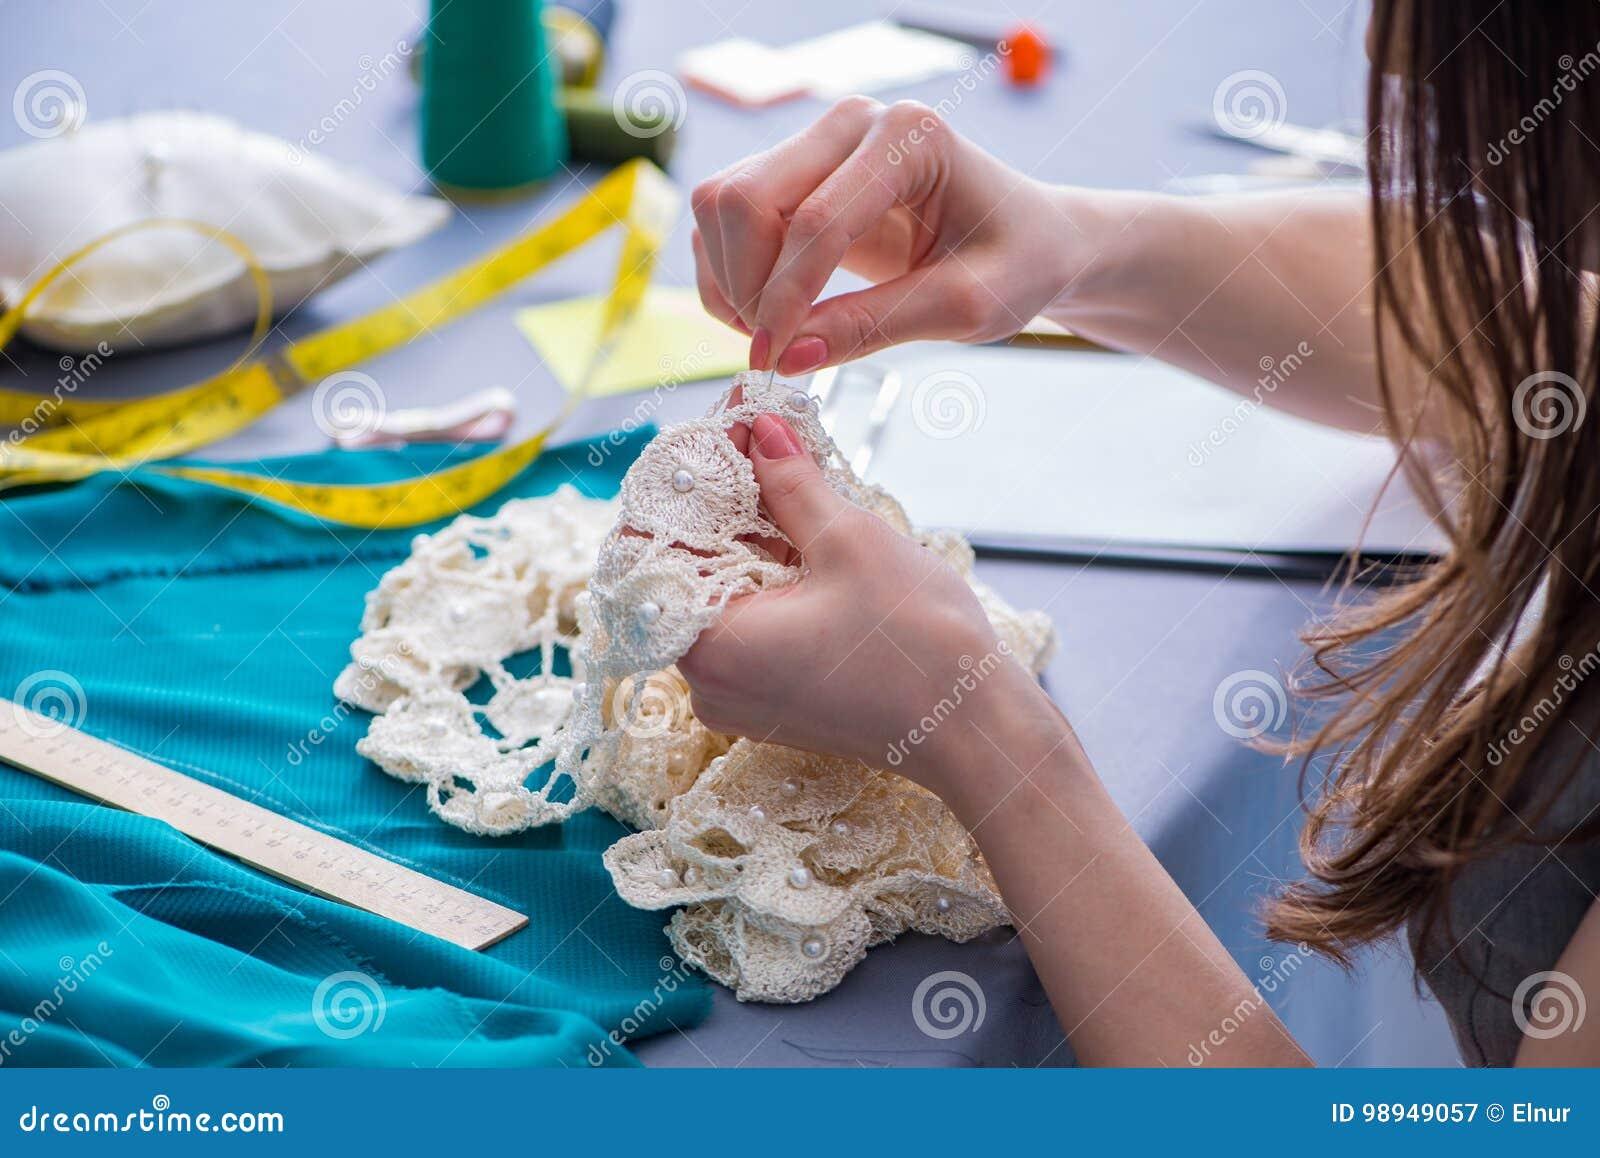 Ράφτης γυναικών που εργάζεται σε ένα ράψιμο ραψίματος ιματισμού μετρώντας το FA